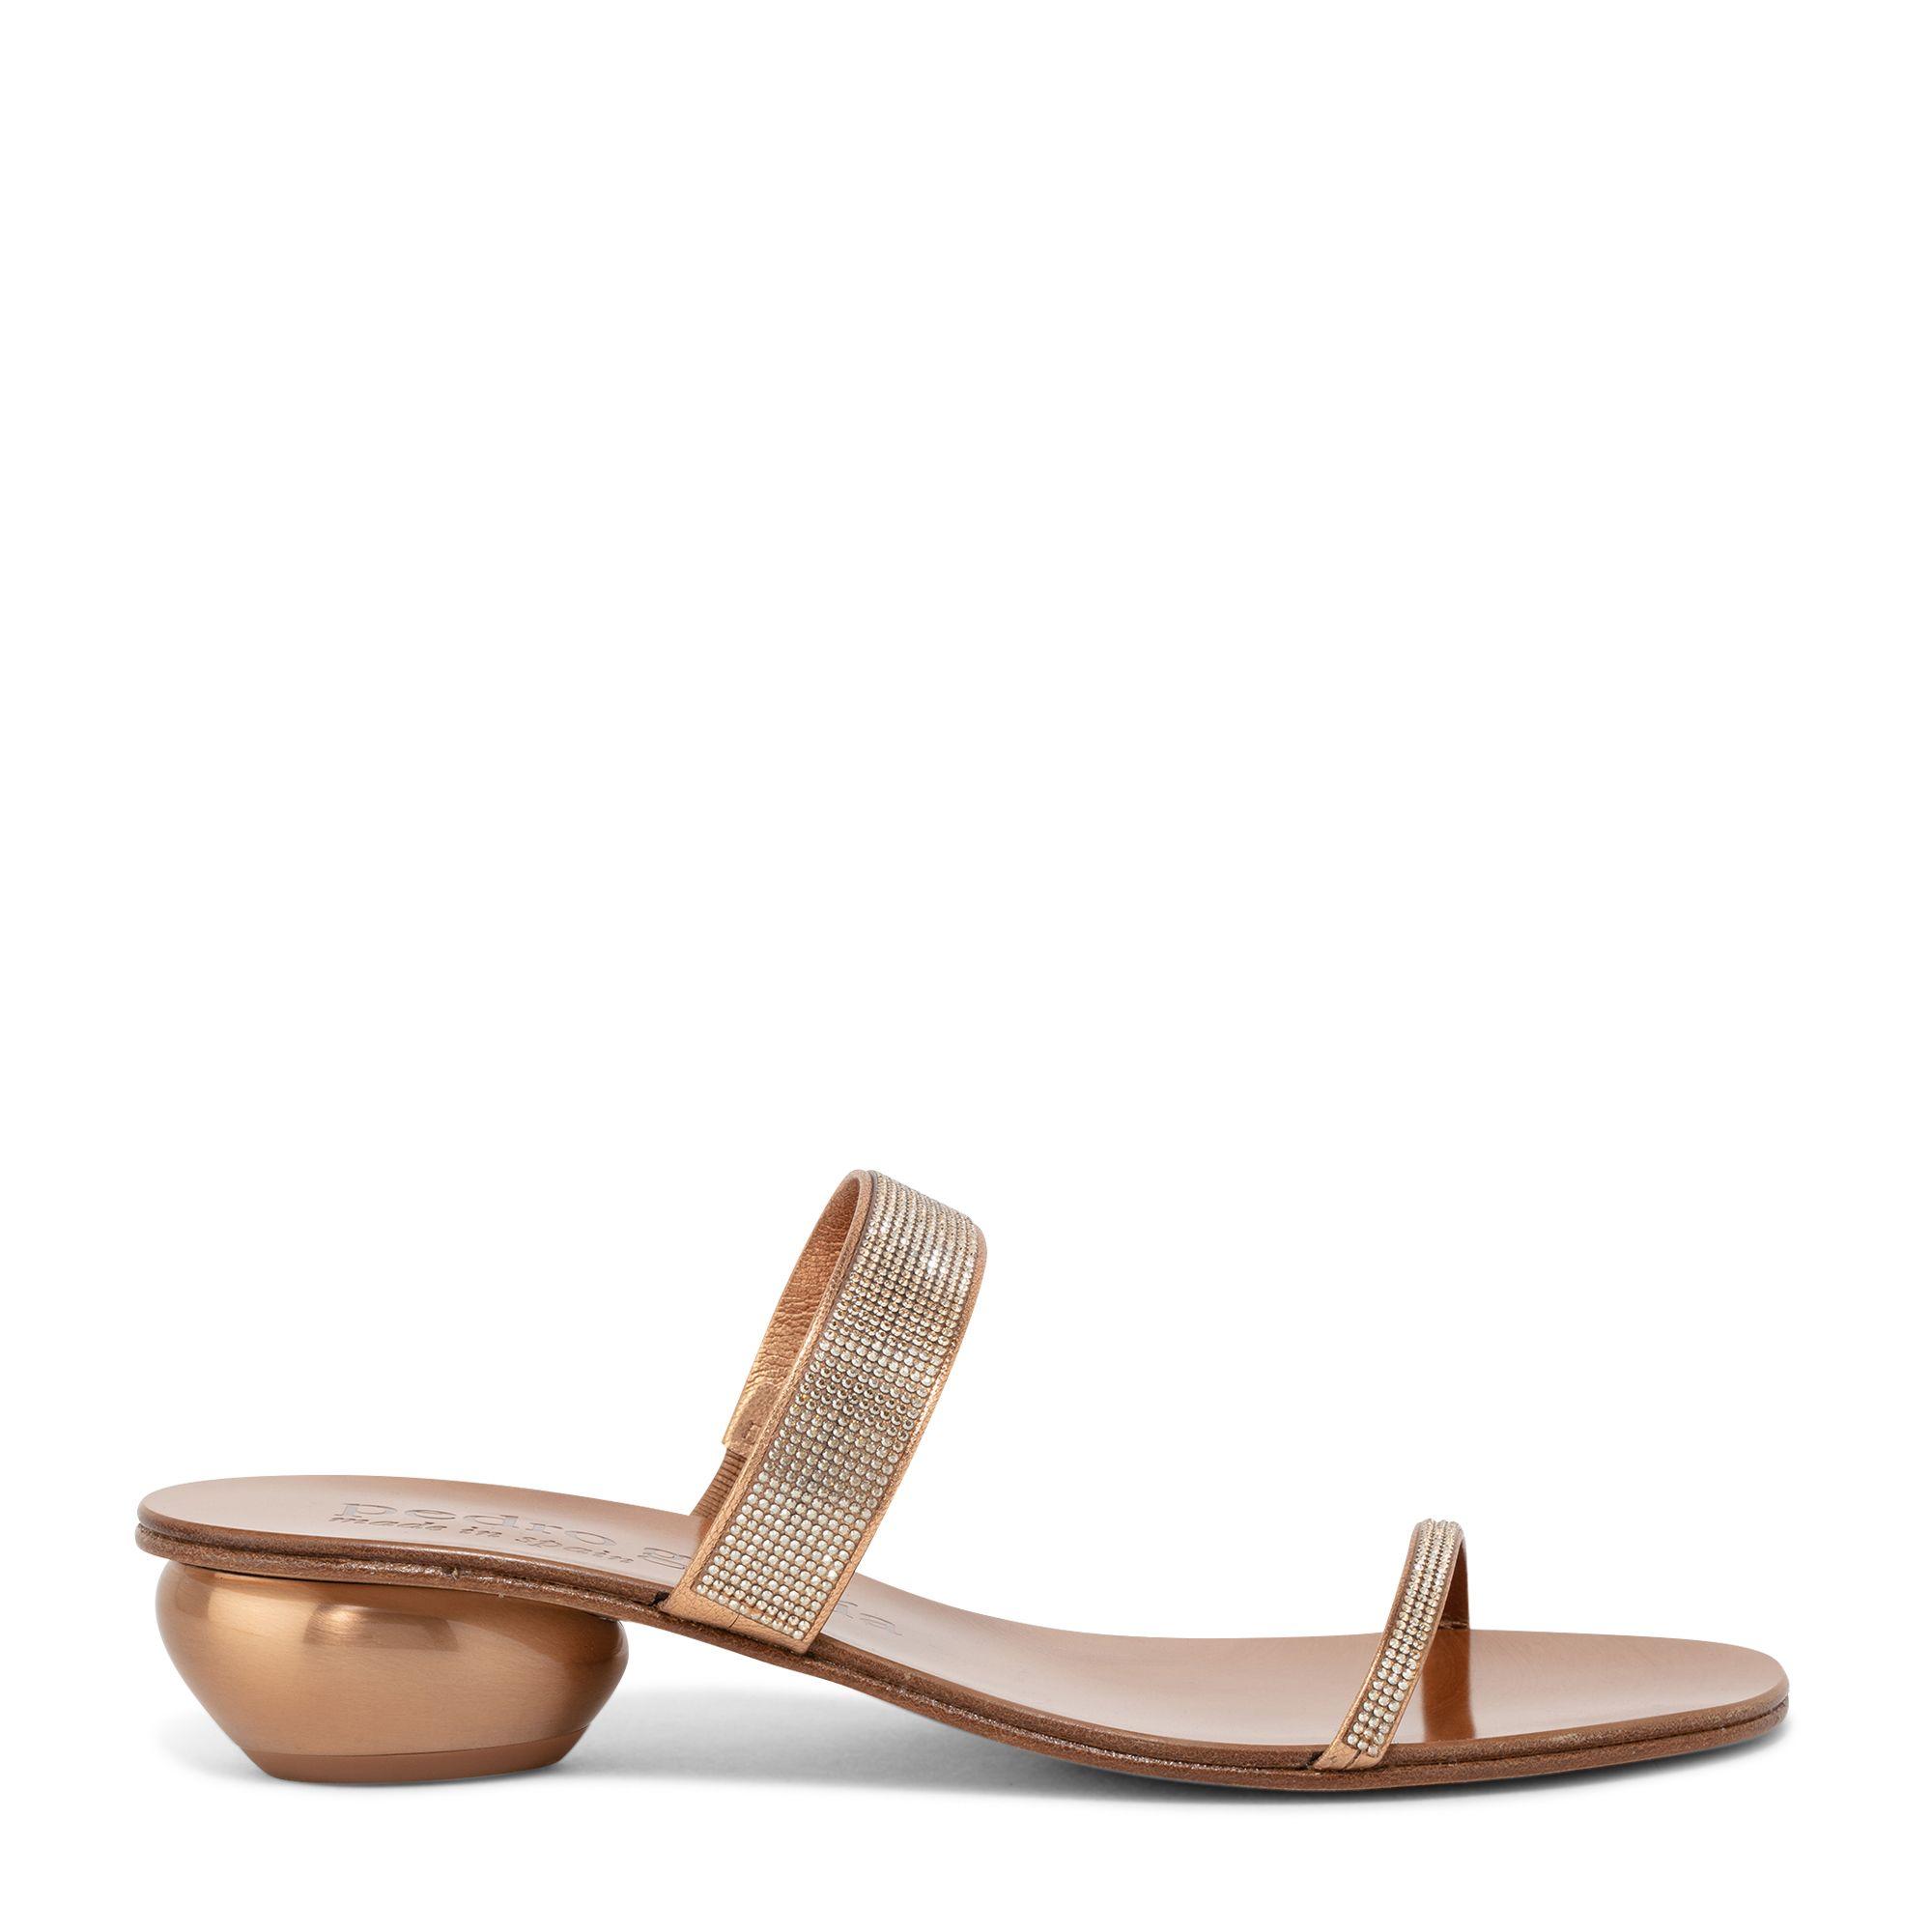 Zayna sandals